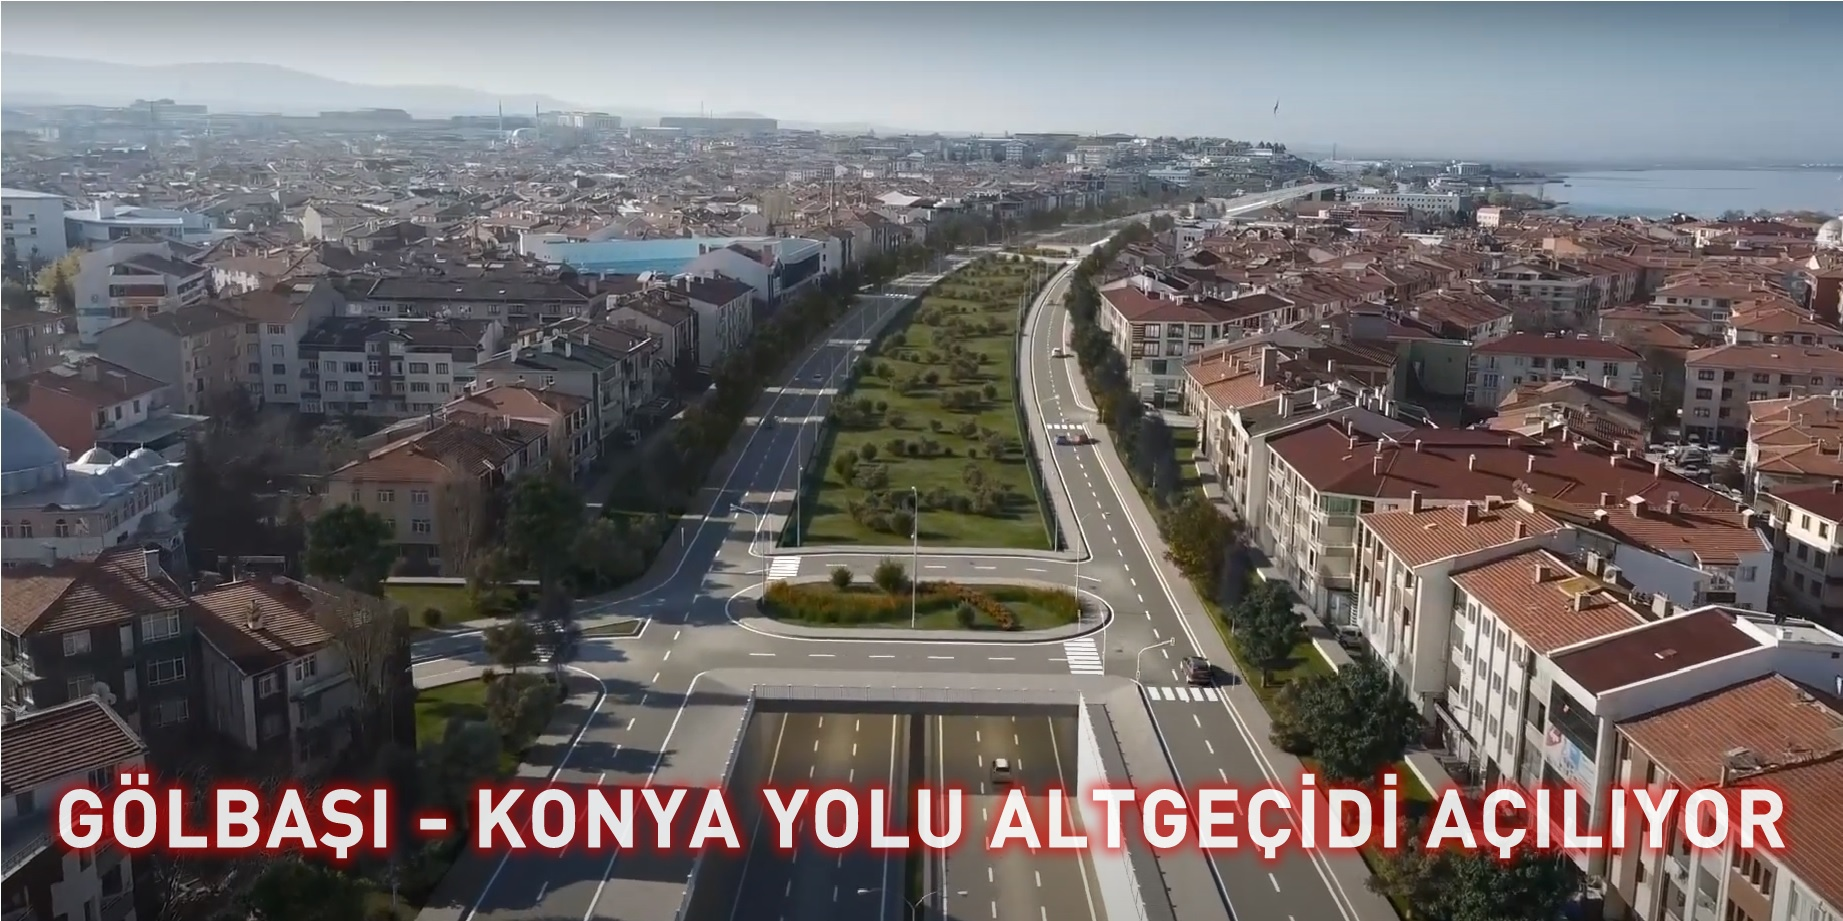 Konya Yolu Alt Geçidi 26 Aralık'ta Açılıyor…